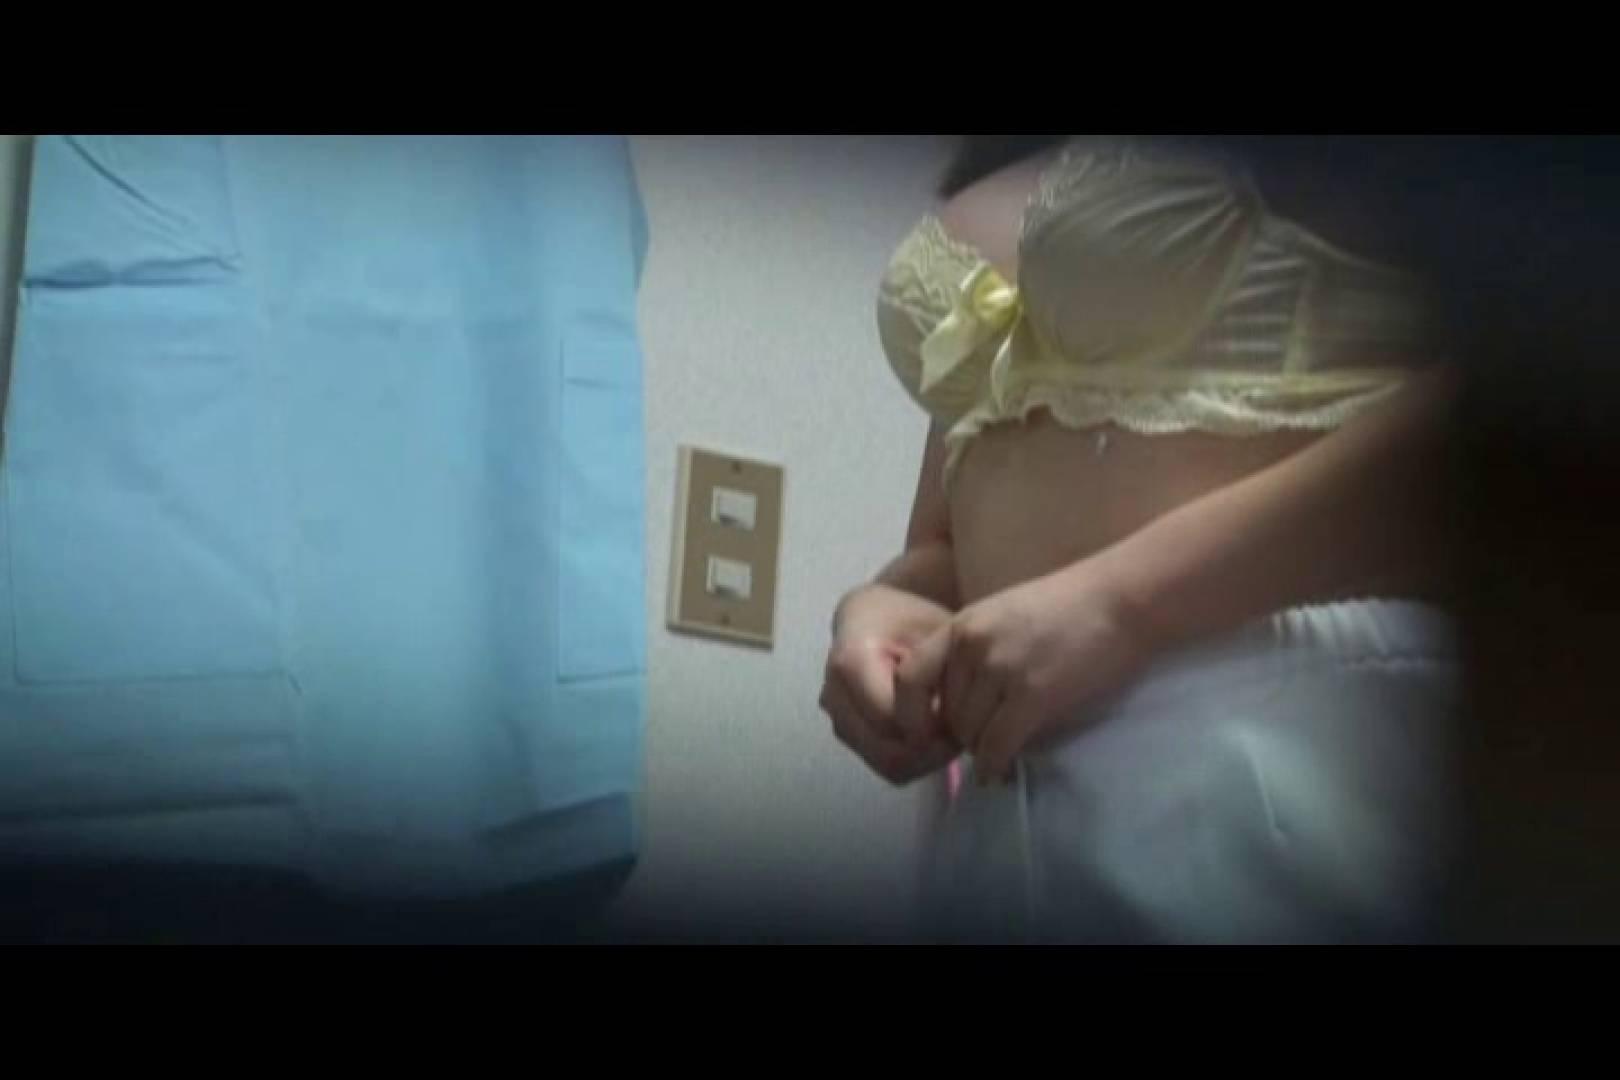 独占配信!無修正! 看護女子寮 vol.05 プライベート セックス画像 86pic 28